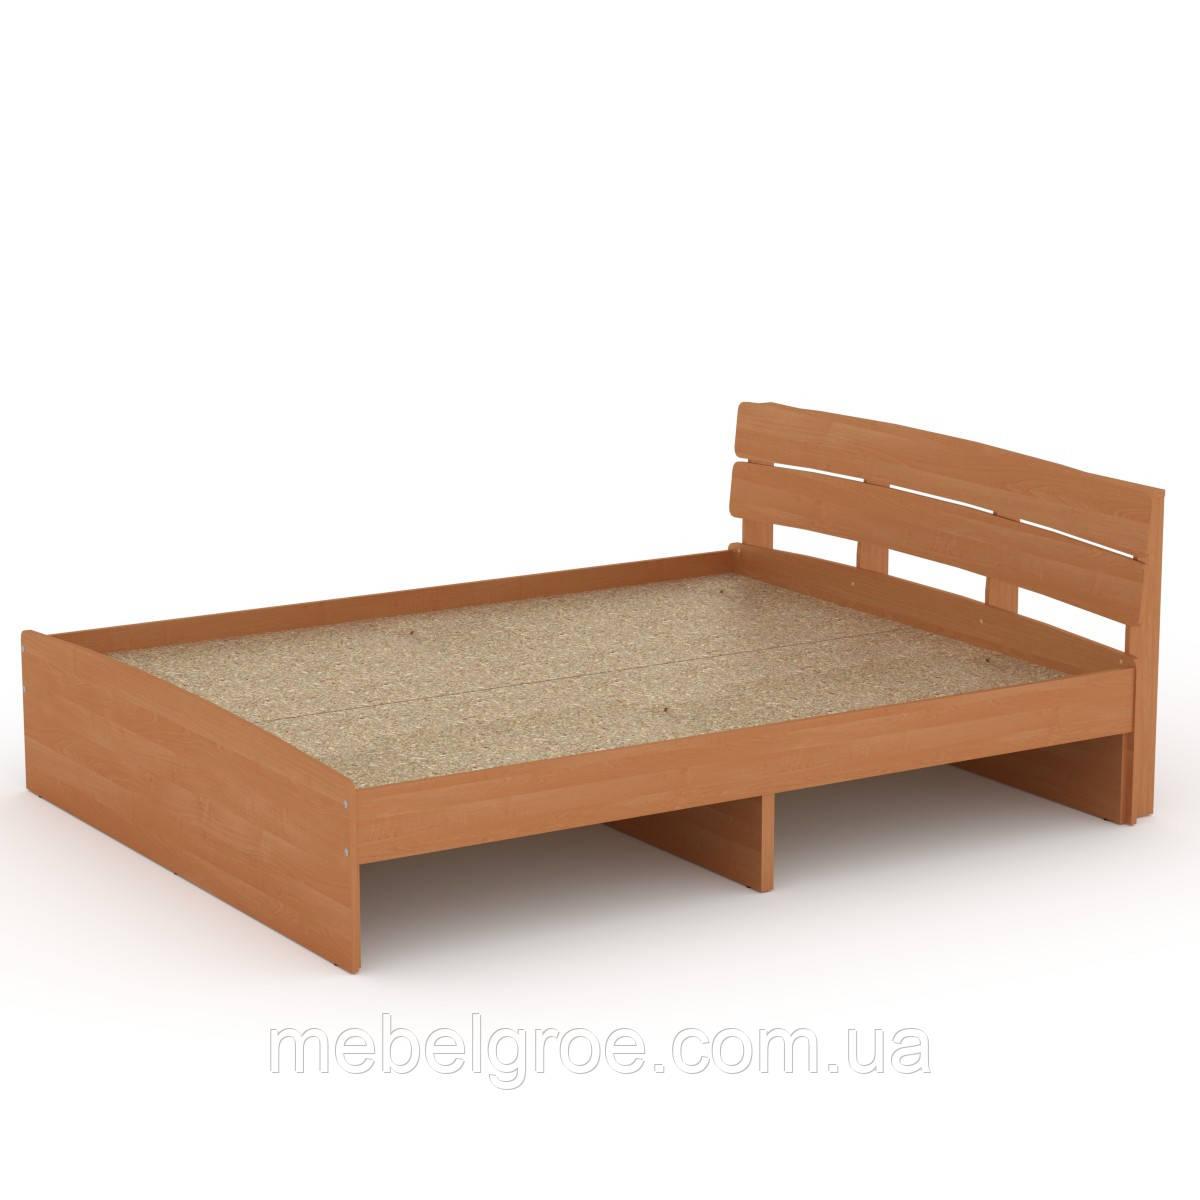 Двуспальная кровать Модерн 140 тм Компанит